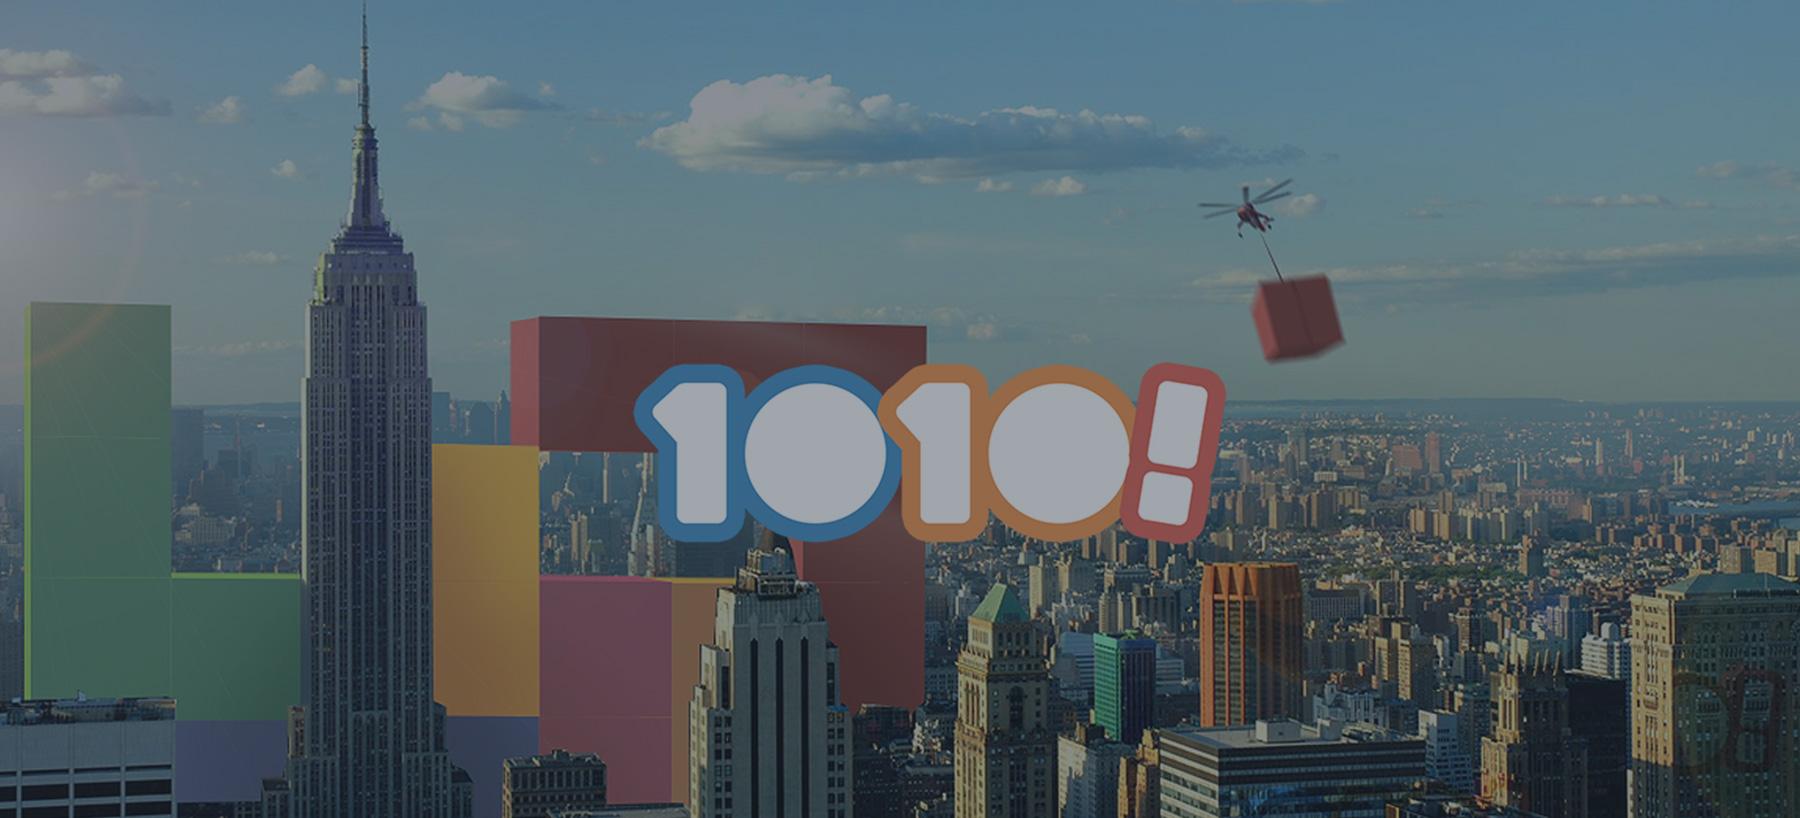 1010! Hero Image